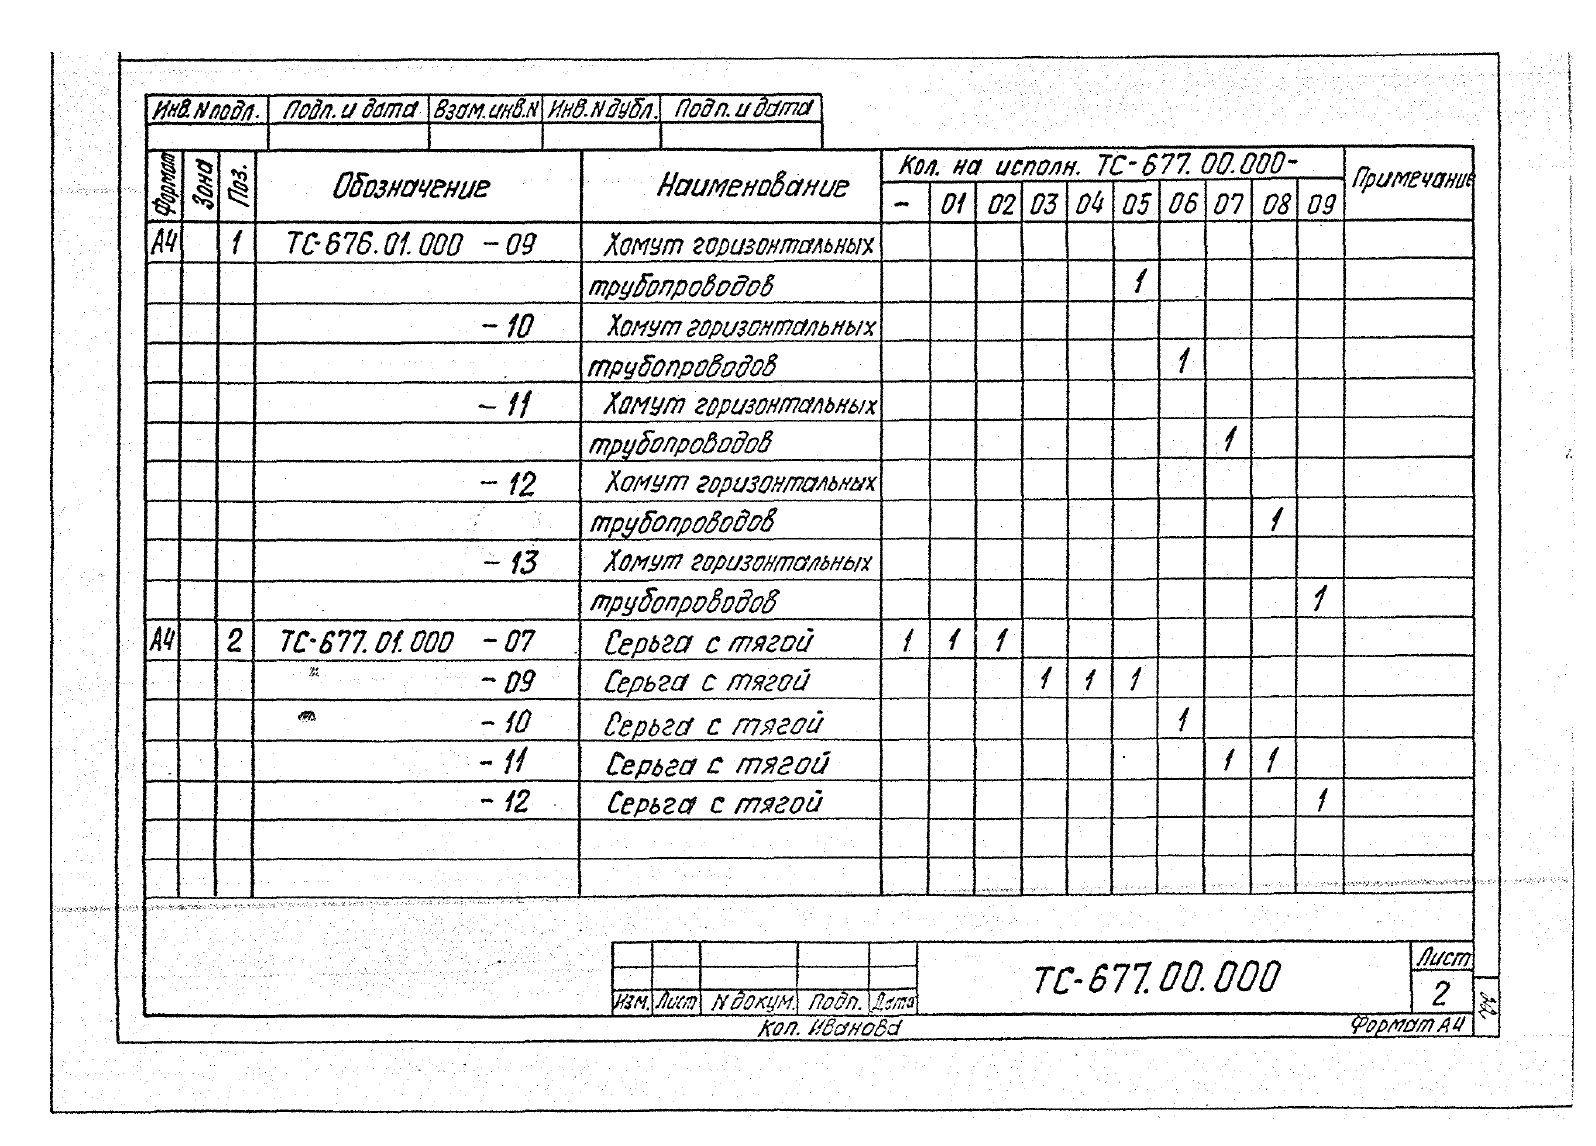 Подвески жесткие Дн 57-530 ТС-677 с.5.903-13 вып.6-95 стр.4